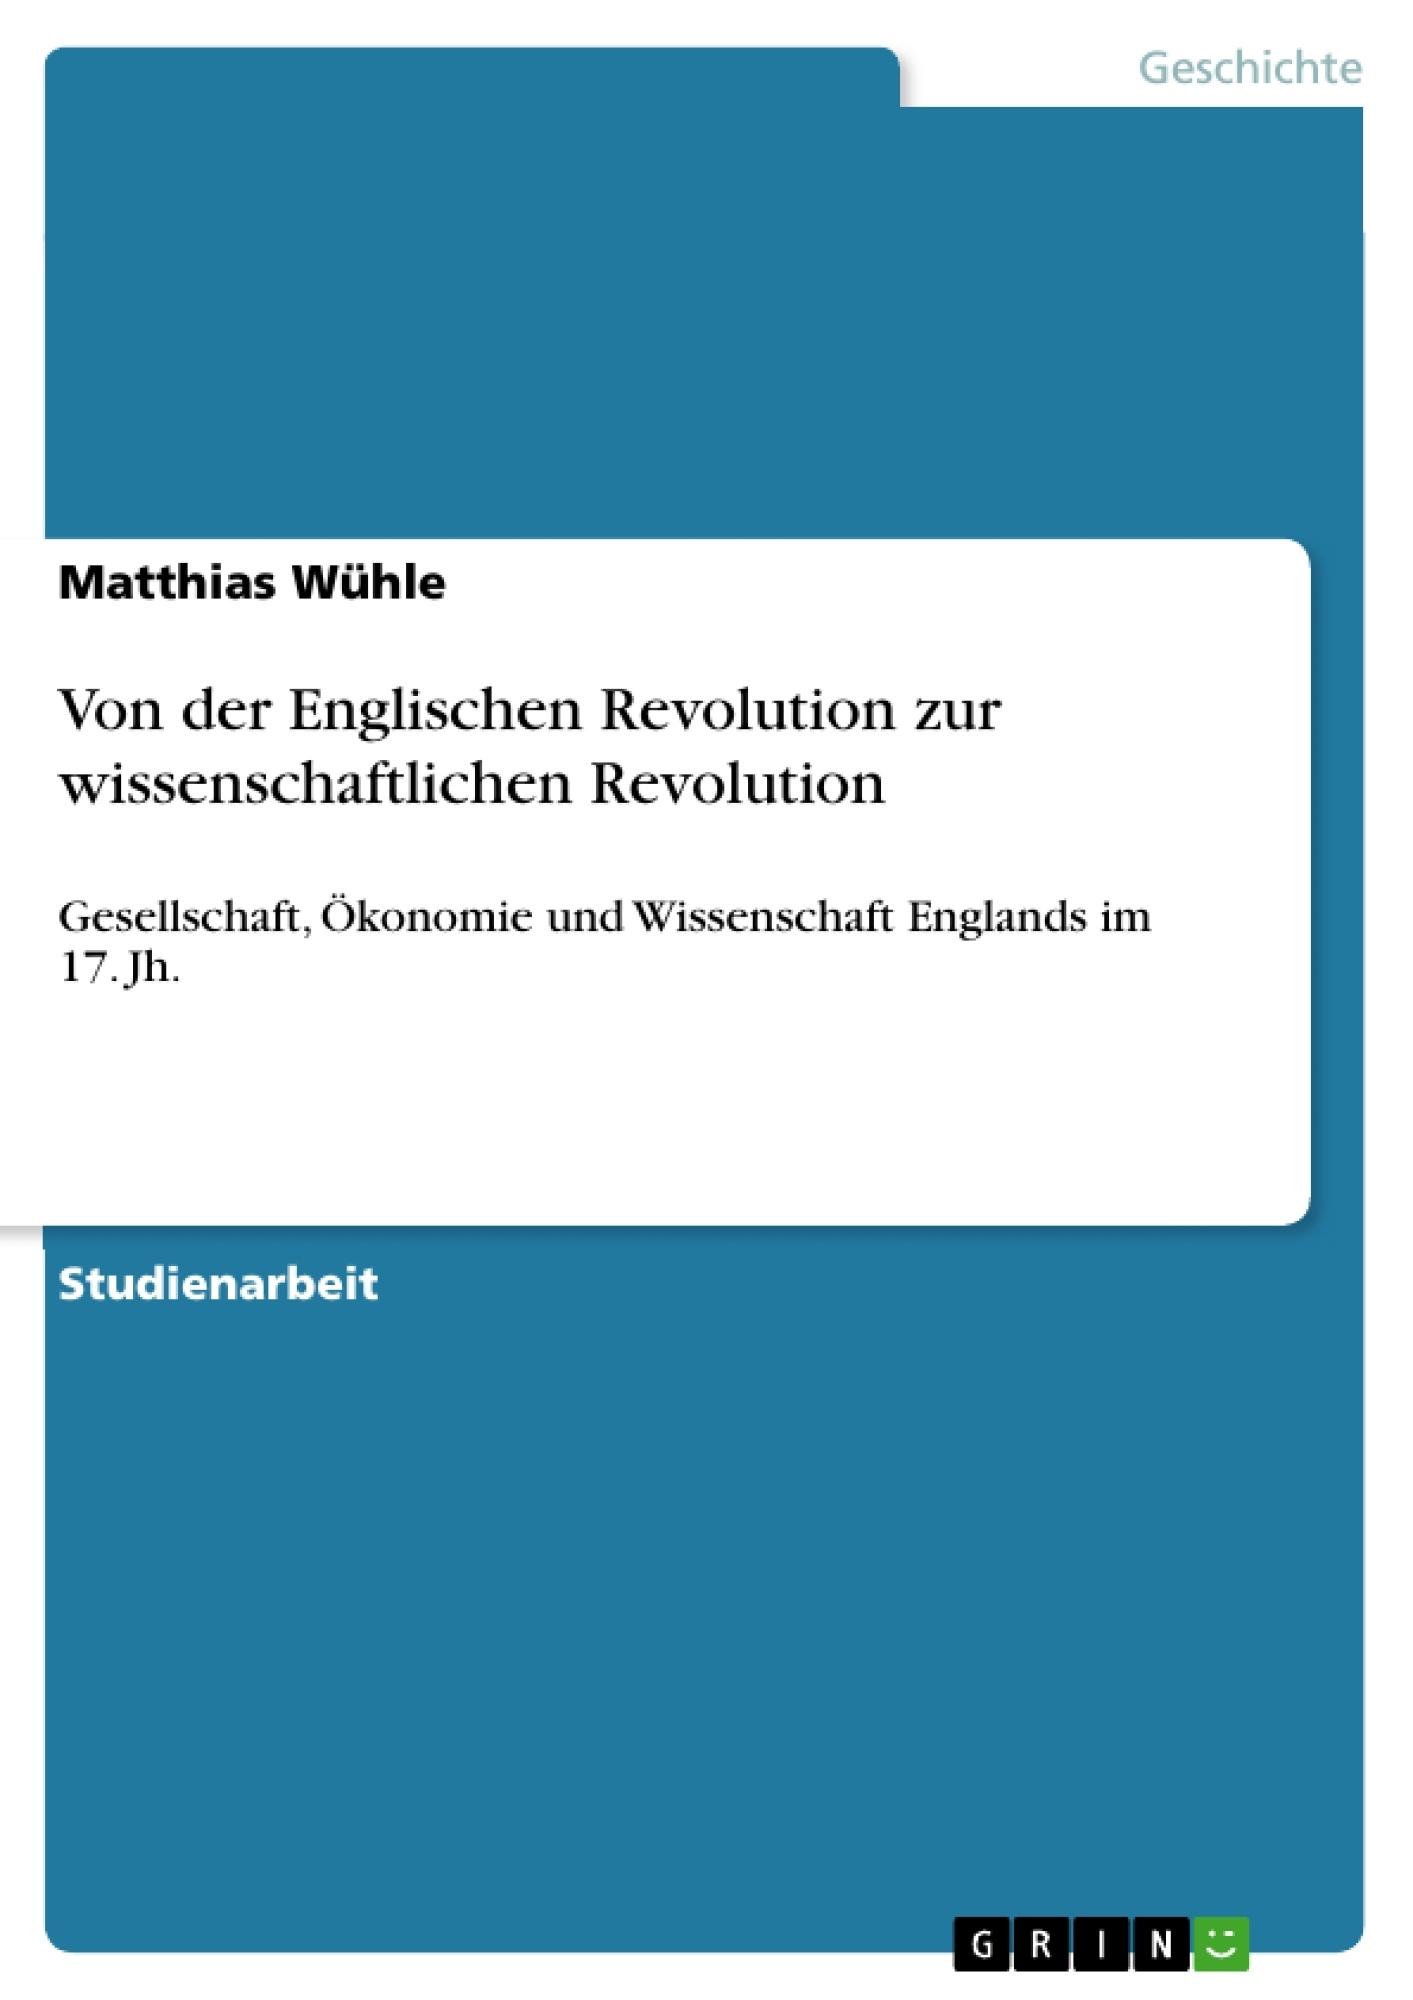 Titel: Von der Englischen Revolution zur wissenschaftlichen Revolution